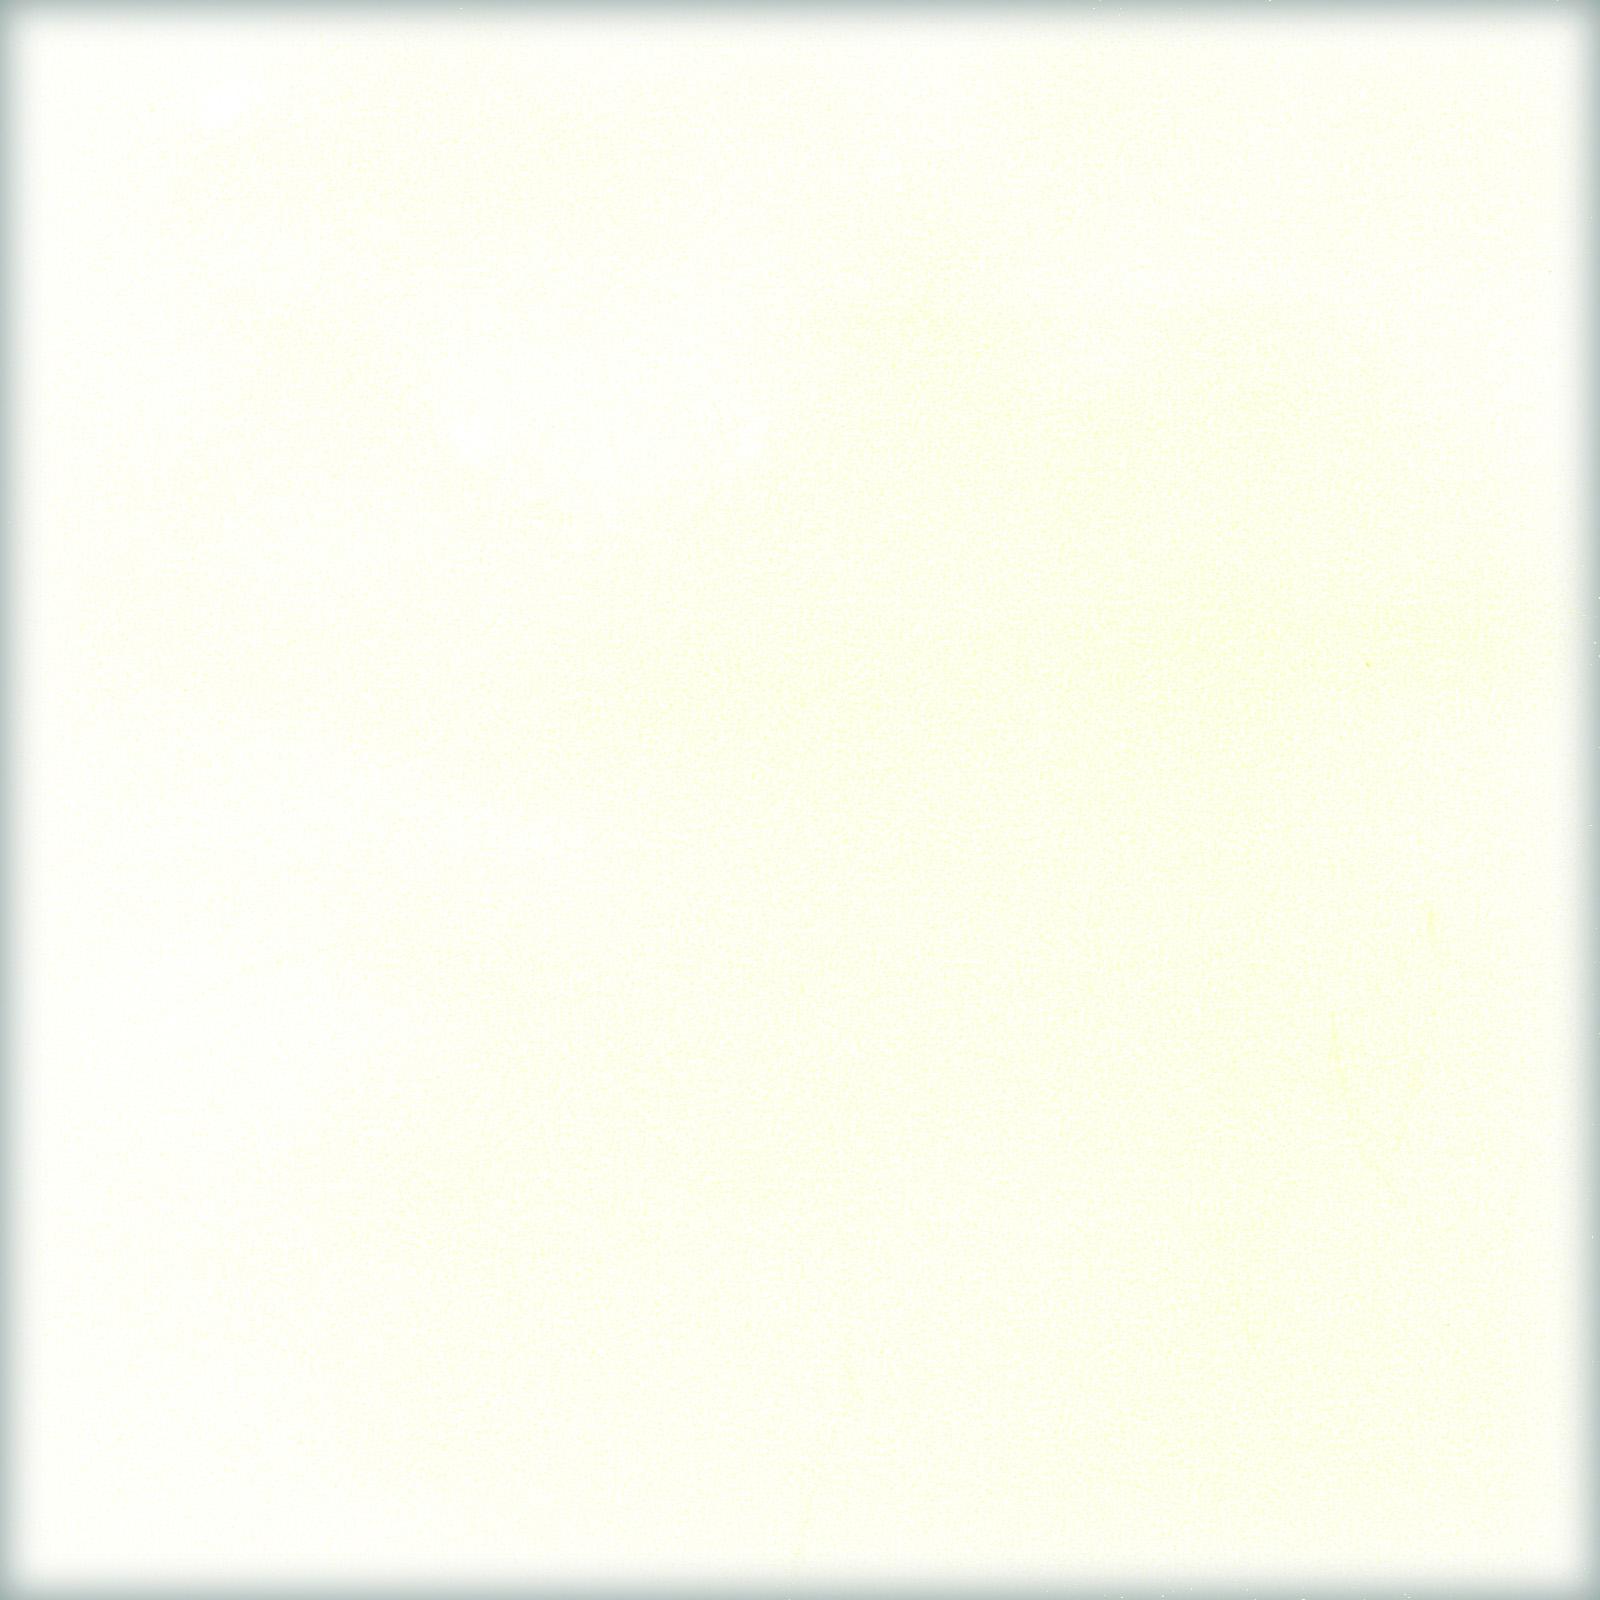 Matte Vanille Tinted White Kraft Gift Wrap